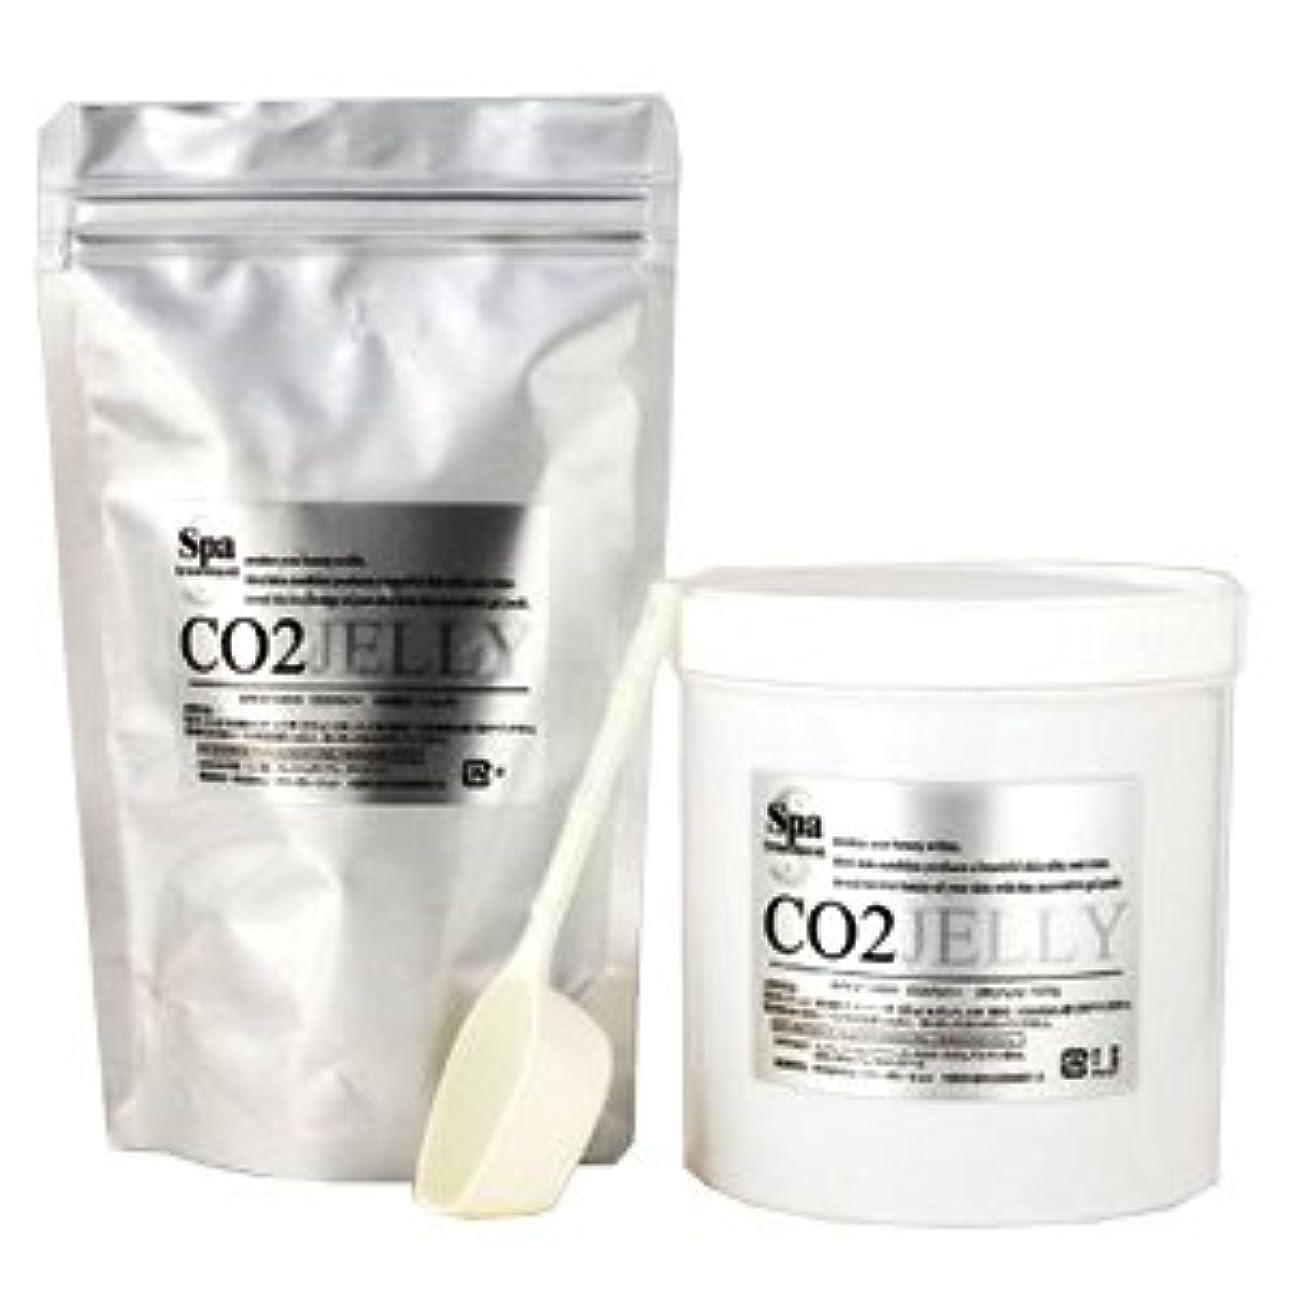 どう?テクニカル外交スパトリートメント CO2ジェリーN 40回分 業務用 炭酸パック